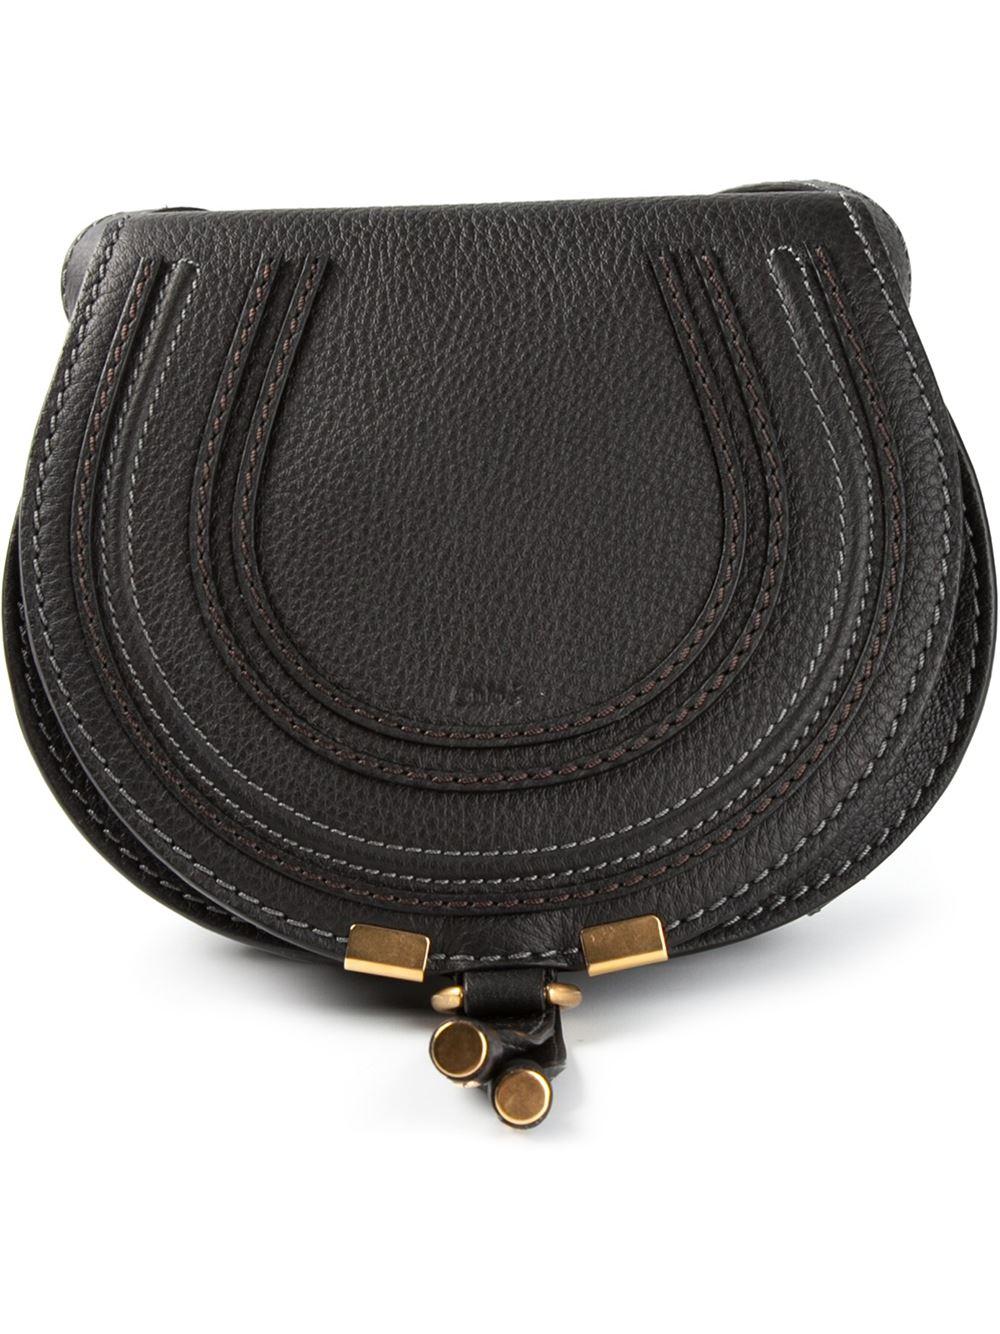 red chloe bags - Chlo�� Mini 'marcie' Shoulder Bag in Black | Lyst